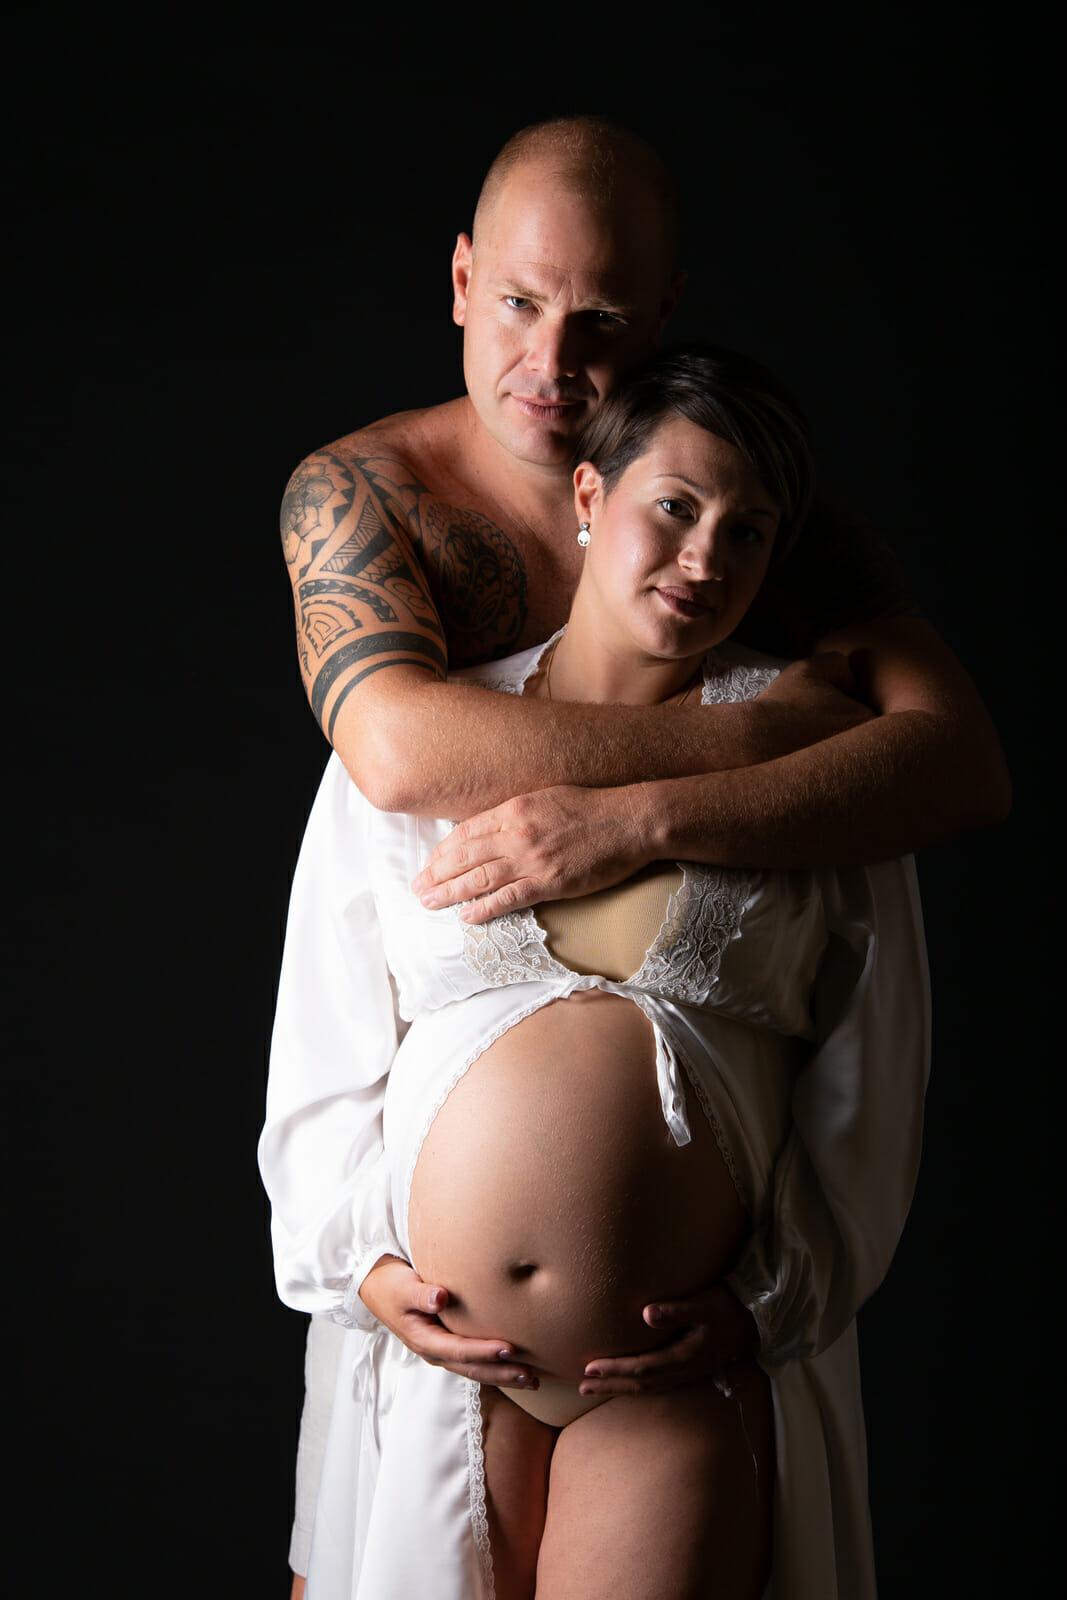 foto di coppia gravidanza